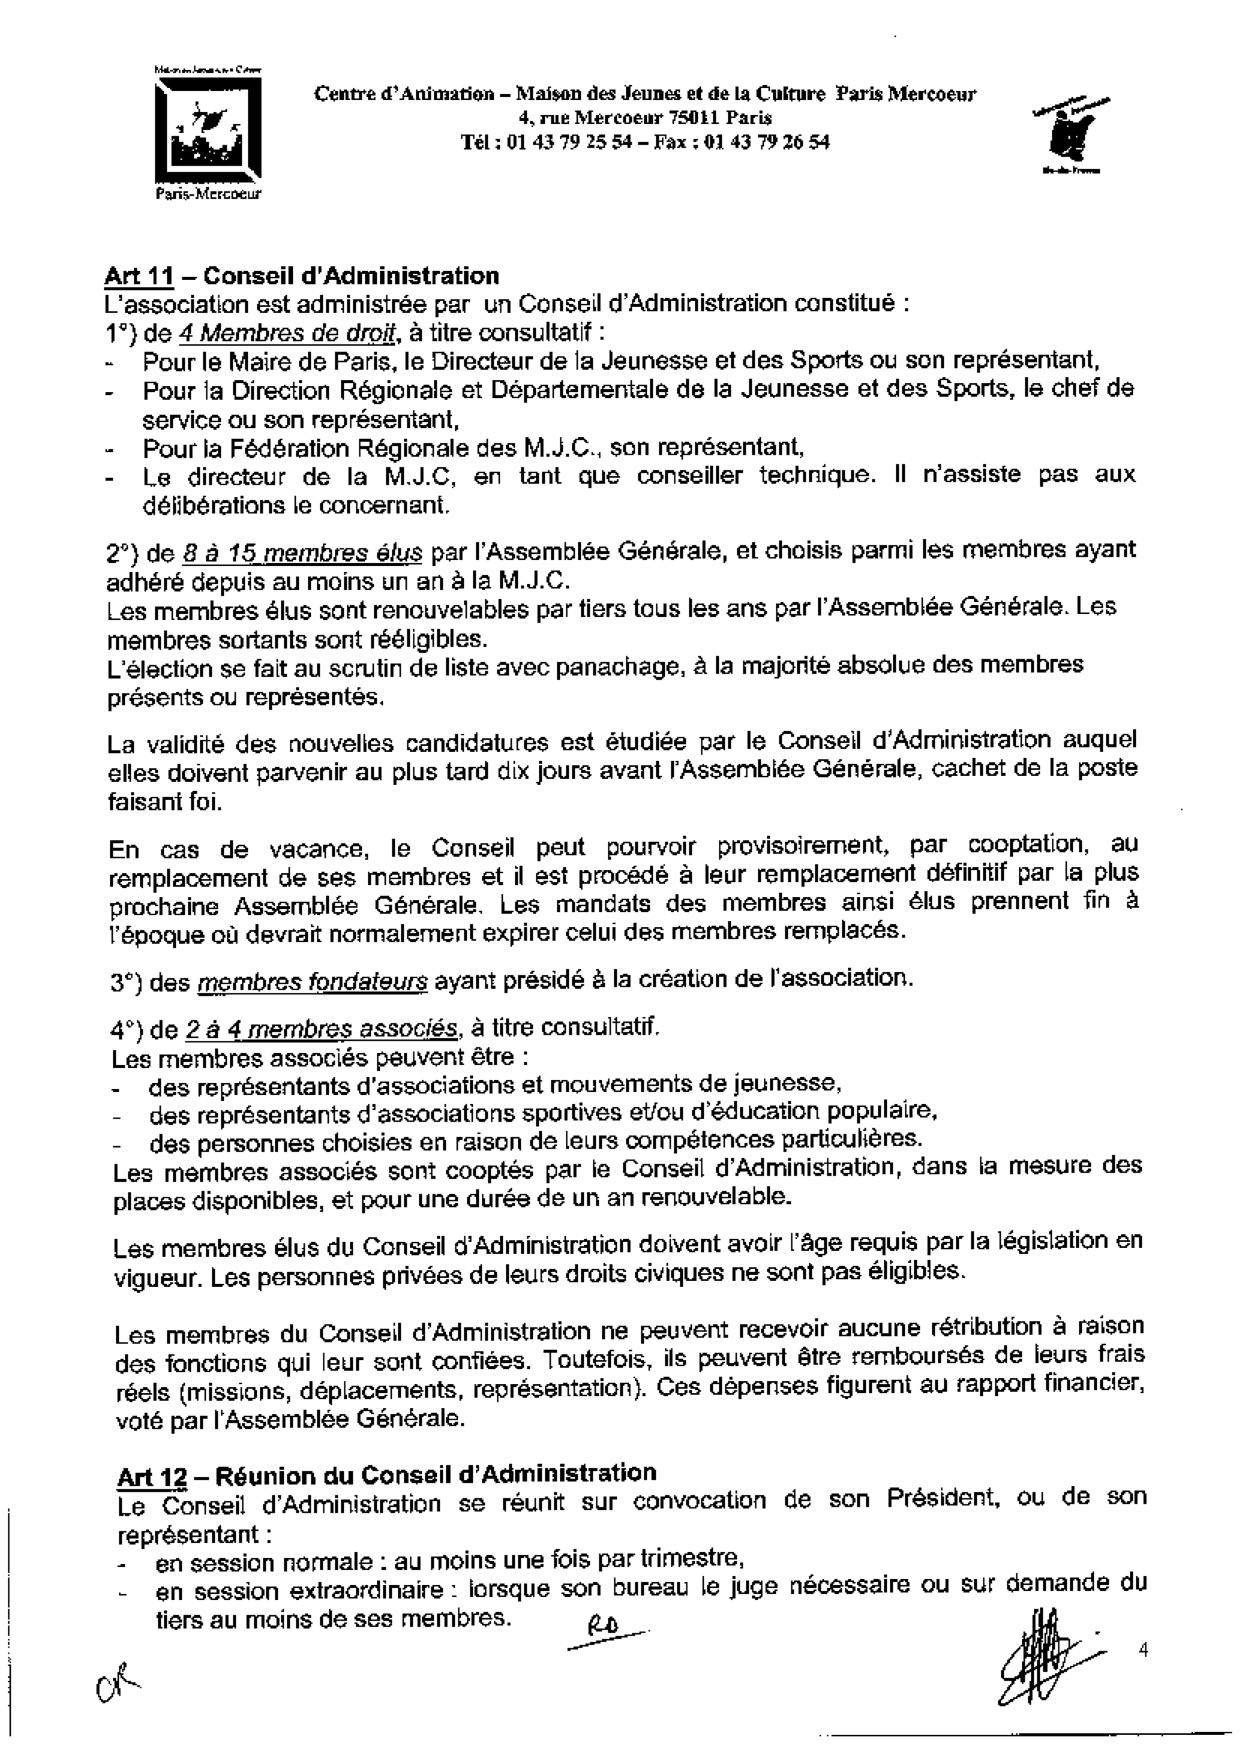 Statuts_MJC Paris-Mercoeur_06 03 2003